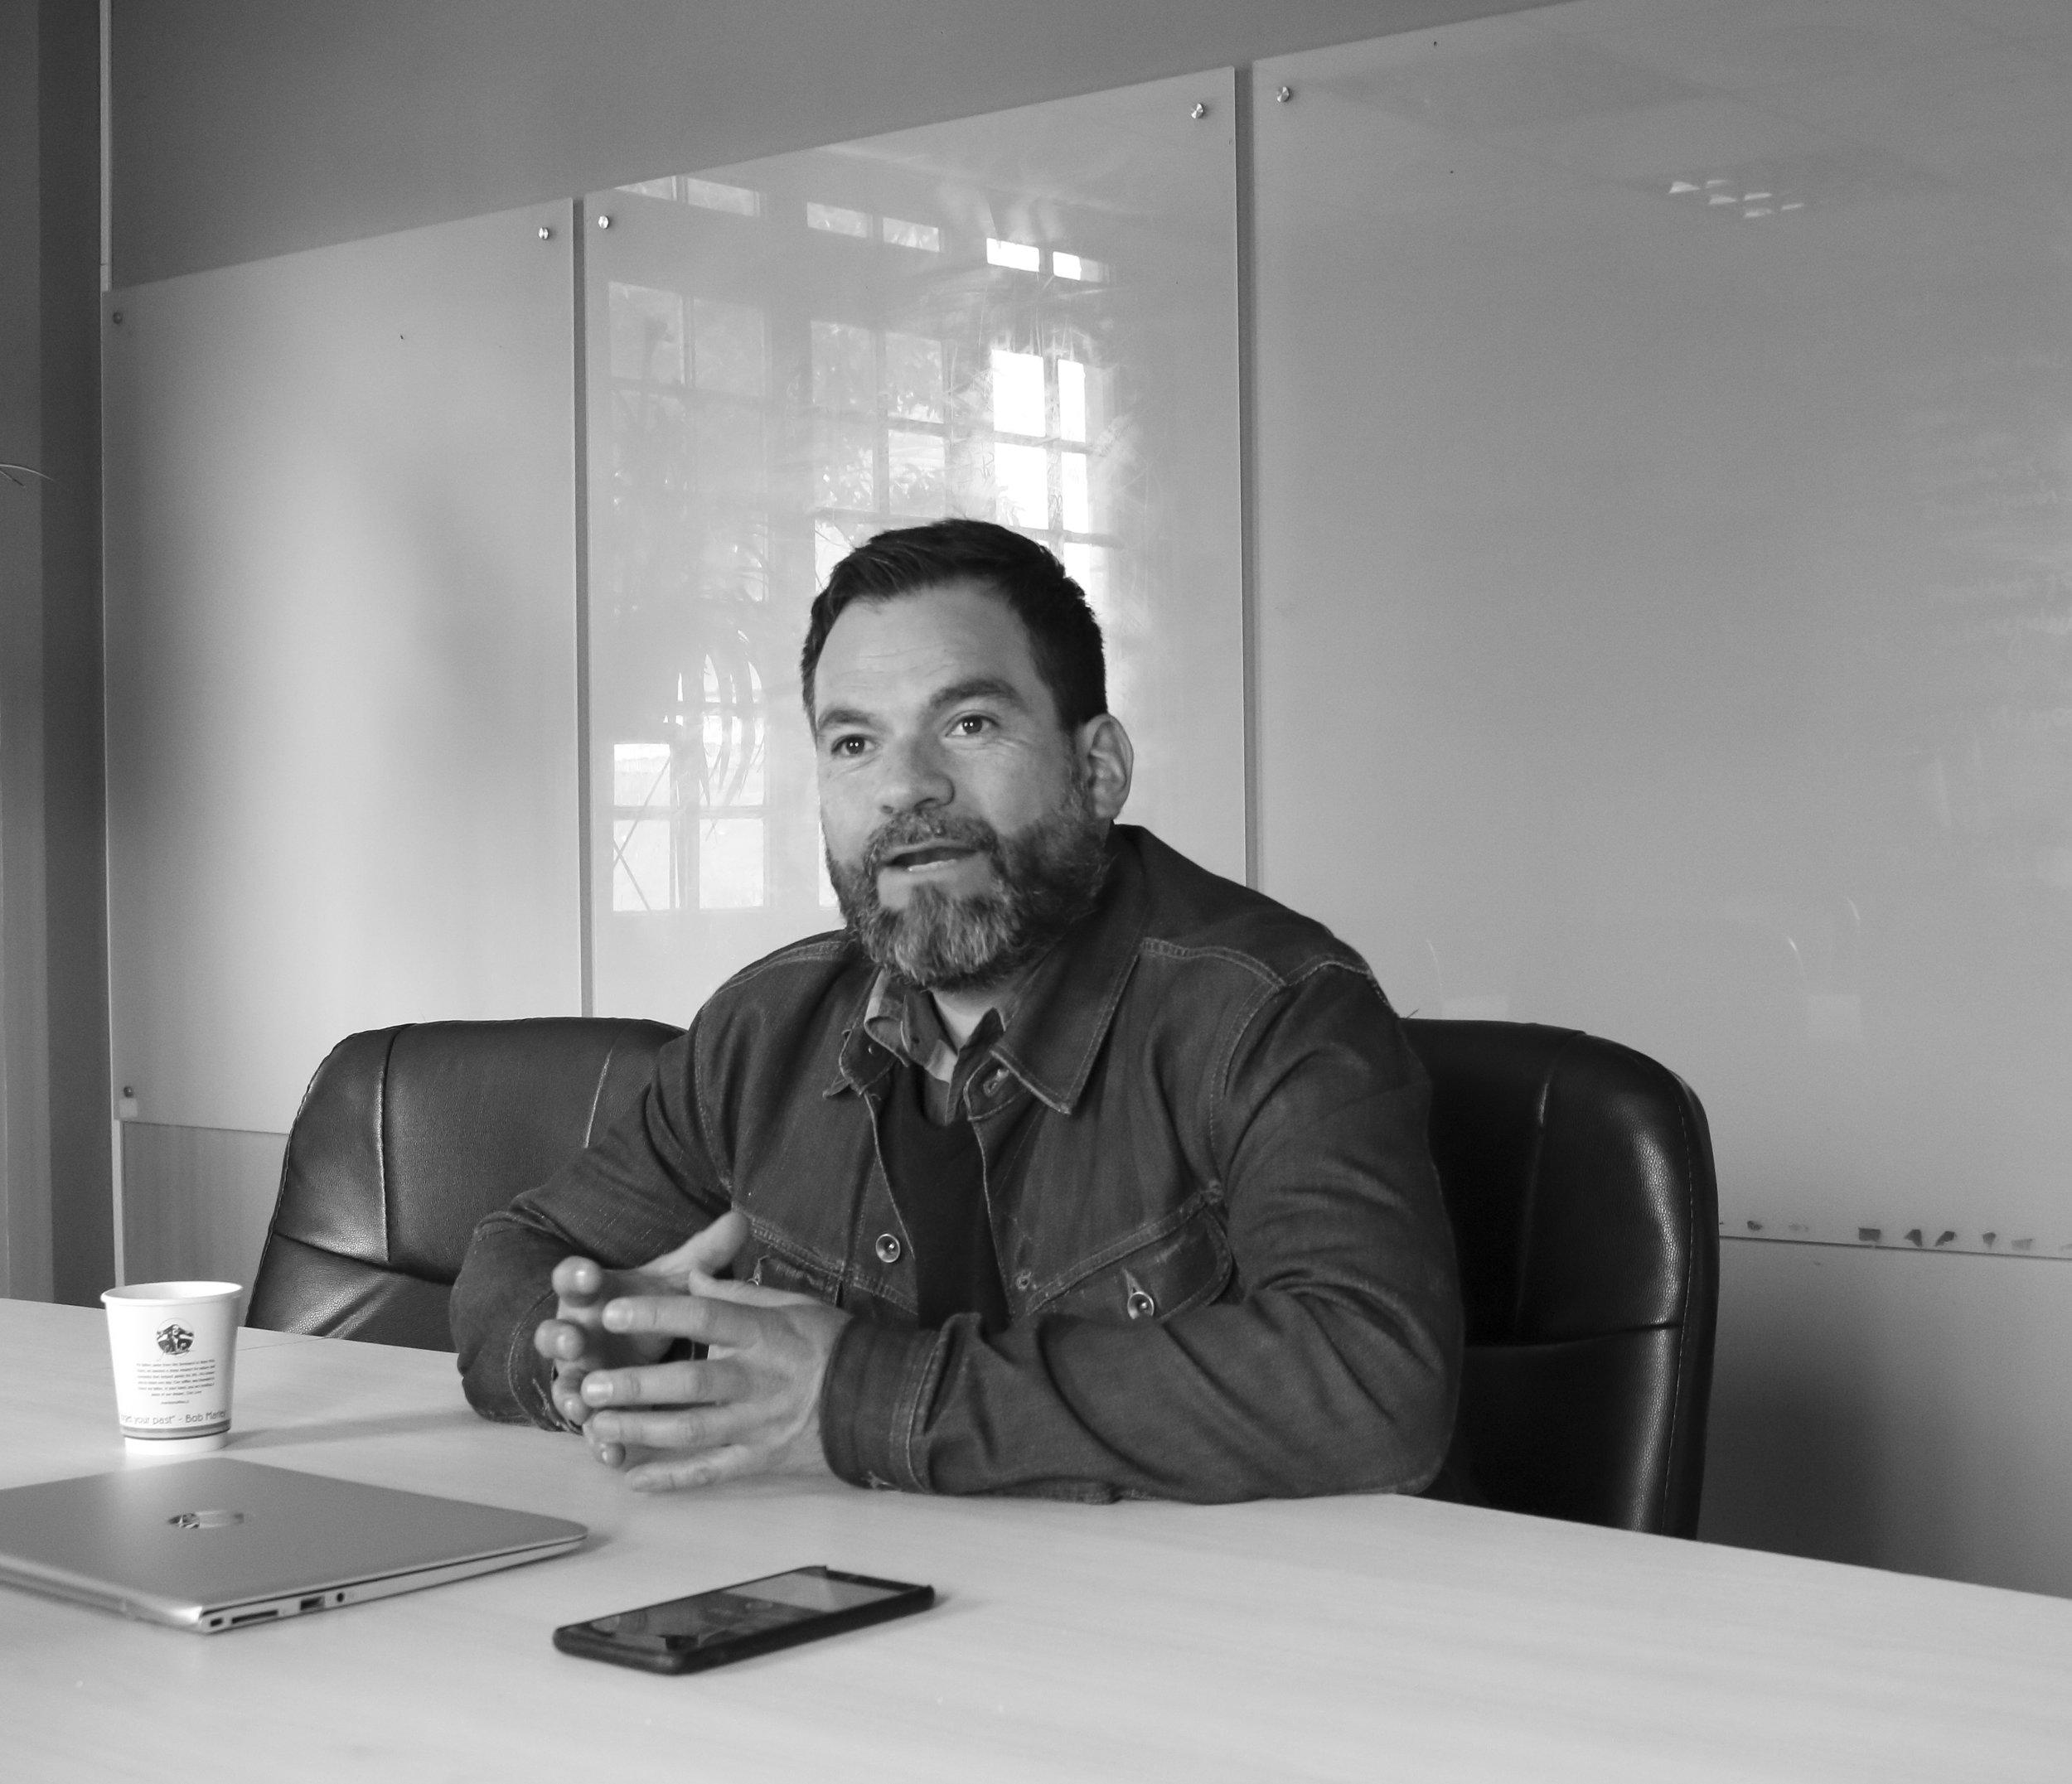 Nos reunimos y conversamos con el Dr. César Cáceres Seguel, contraparte en un de los proyectos más recientes en los que nos hemos involucrado como empresa y probablemente también uno de los que nos sentimos más orgullosos y con ansias de verlo crecer.